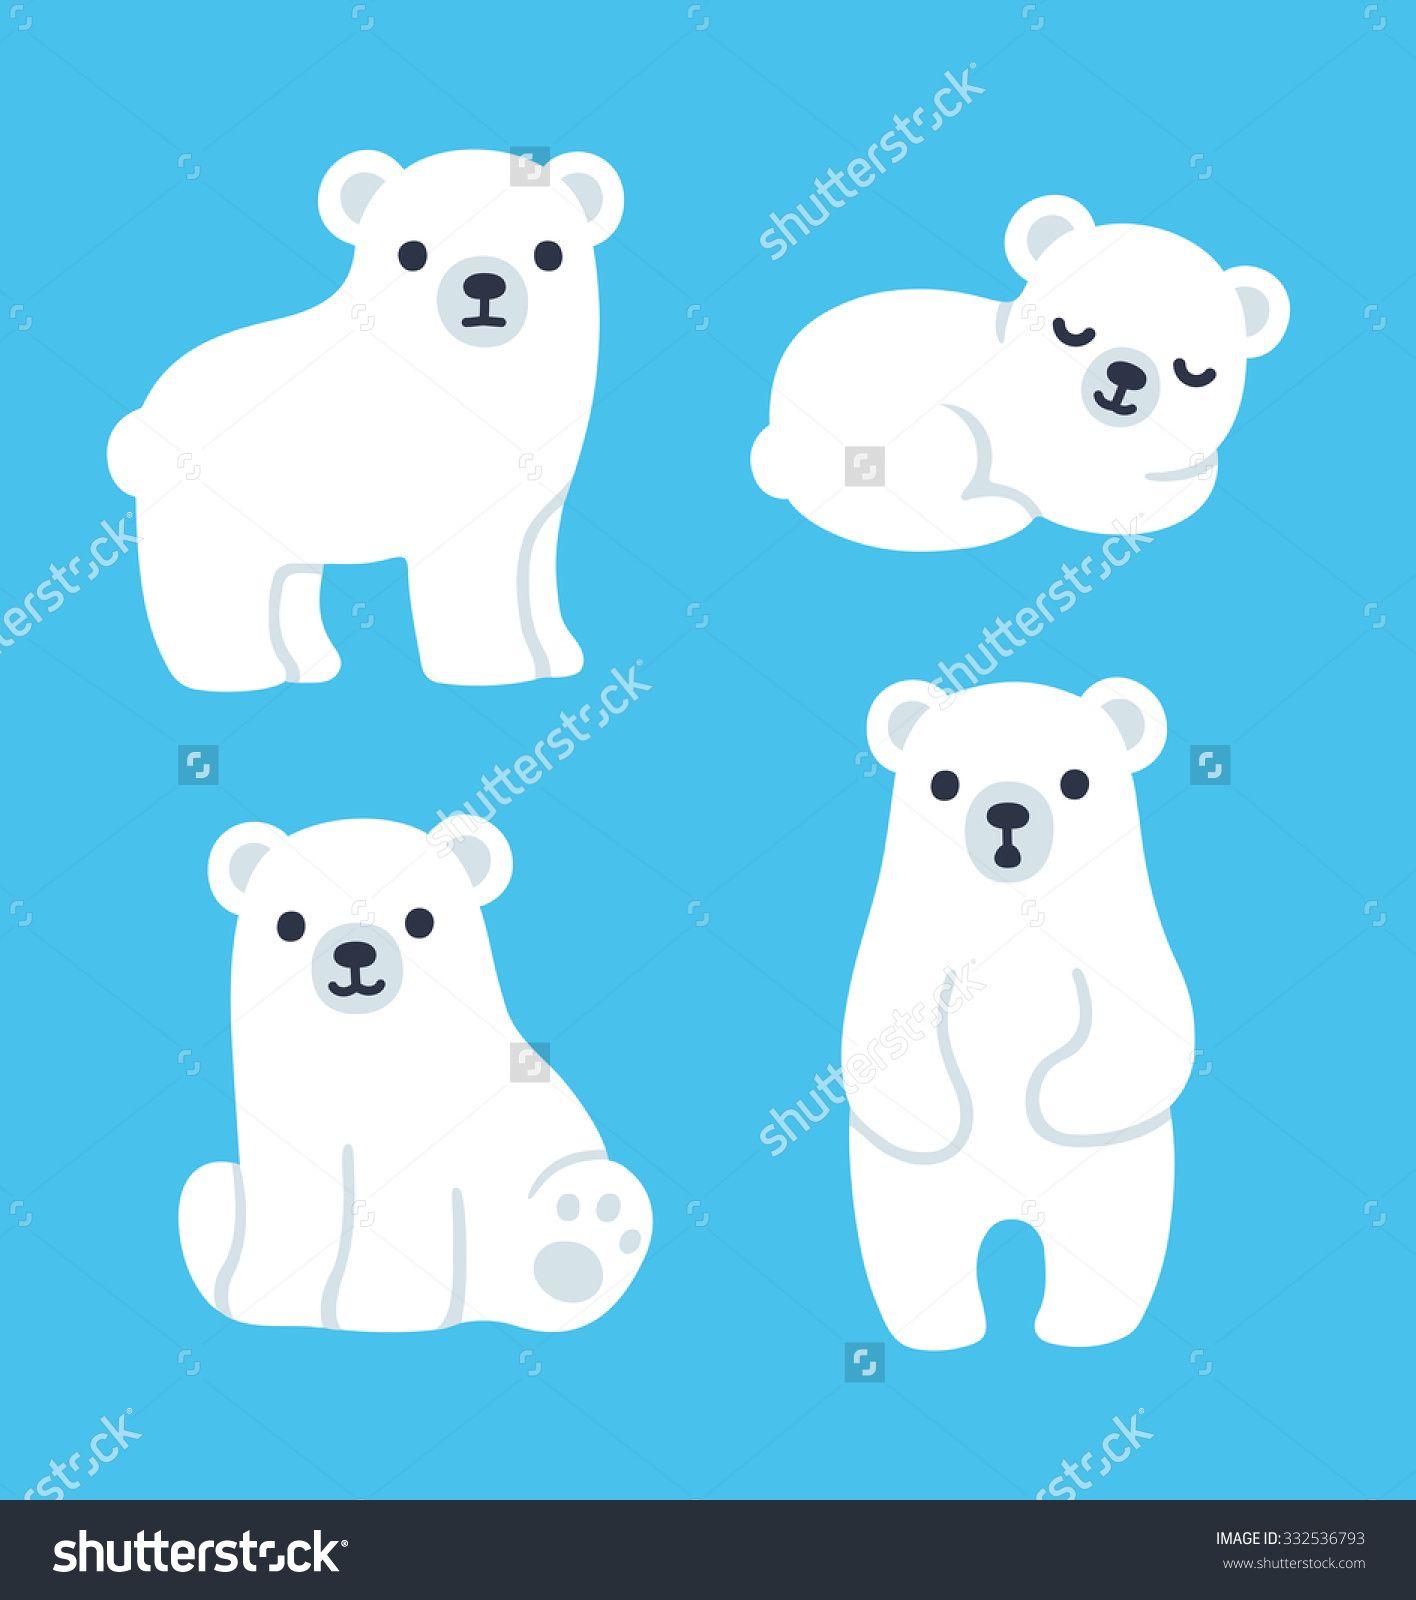 1416x1600 Cute Cartoon Polar Bear Cubs Collection. Simple, Modern Style